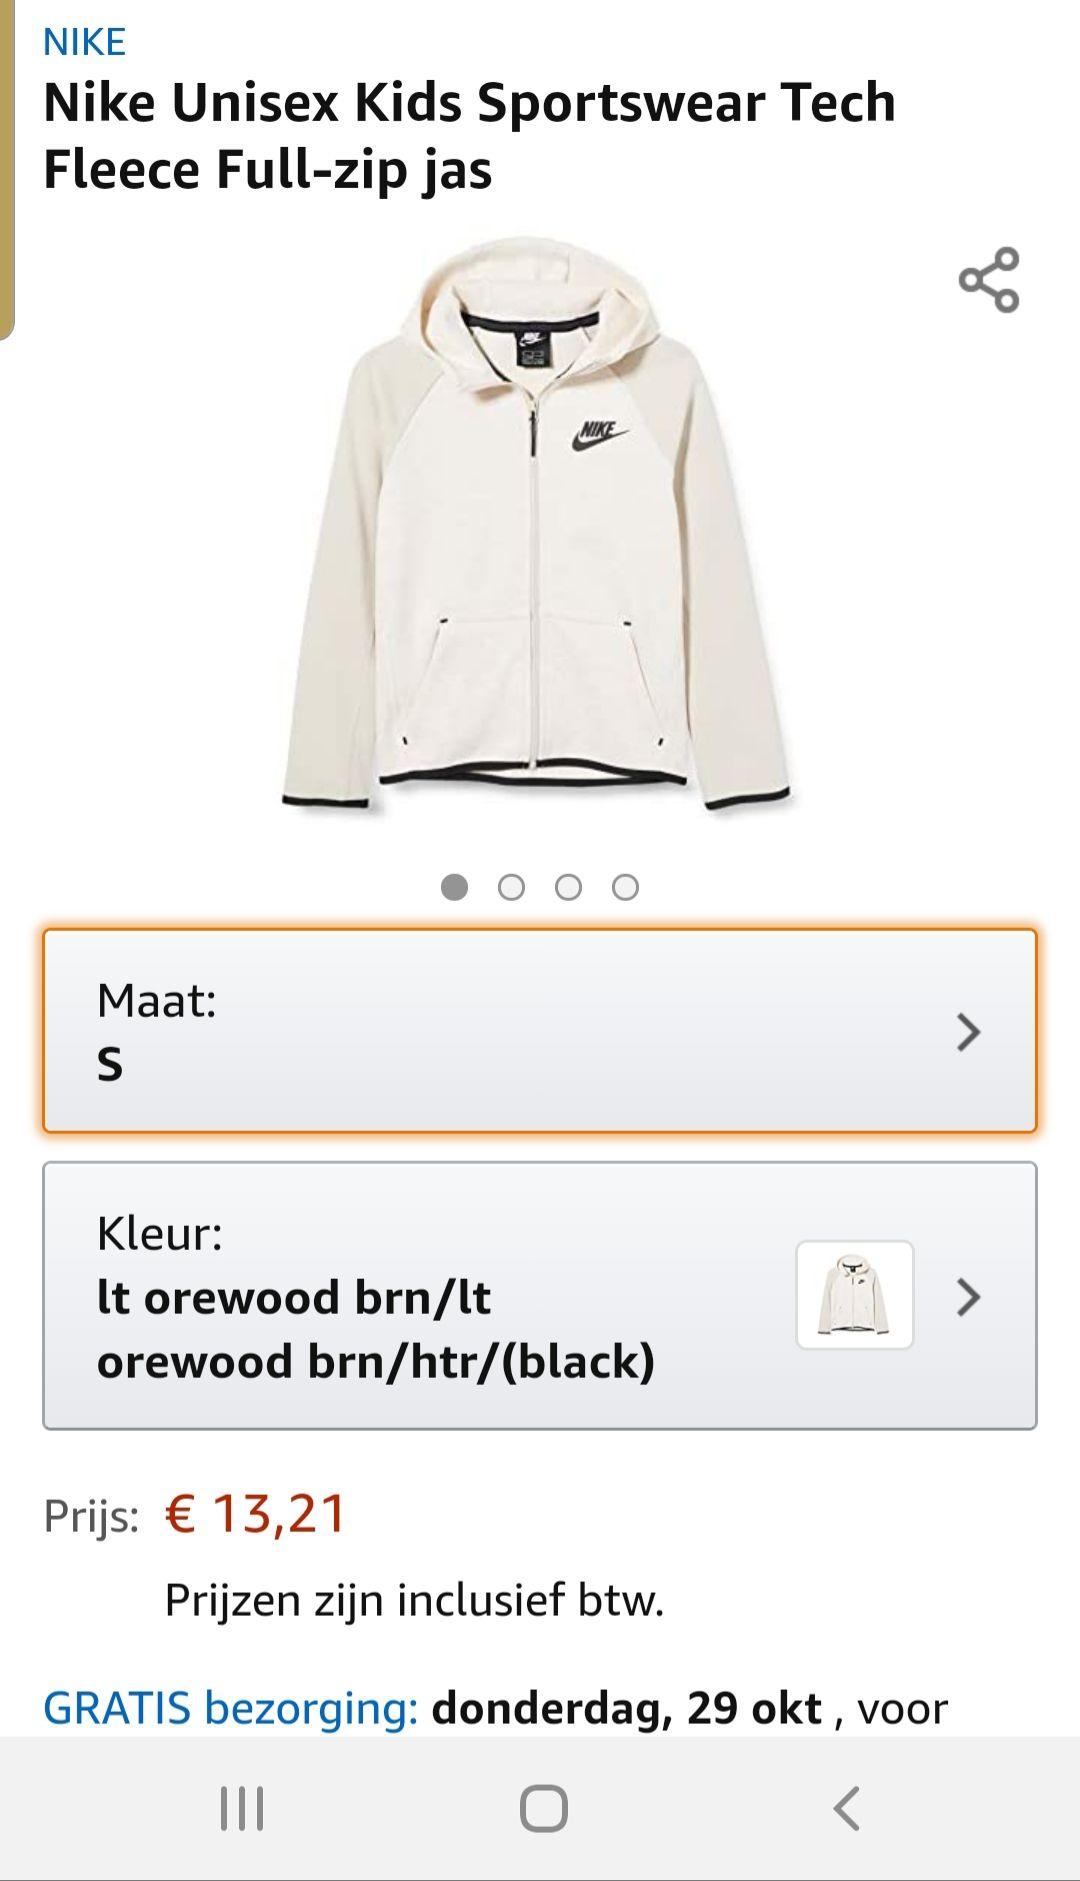 Nike Unisex Kids Sportswear Tech Fleece Full-zip jas alleen maat s